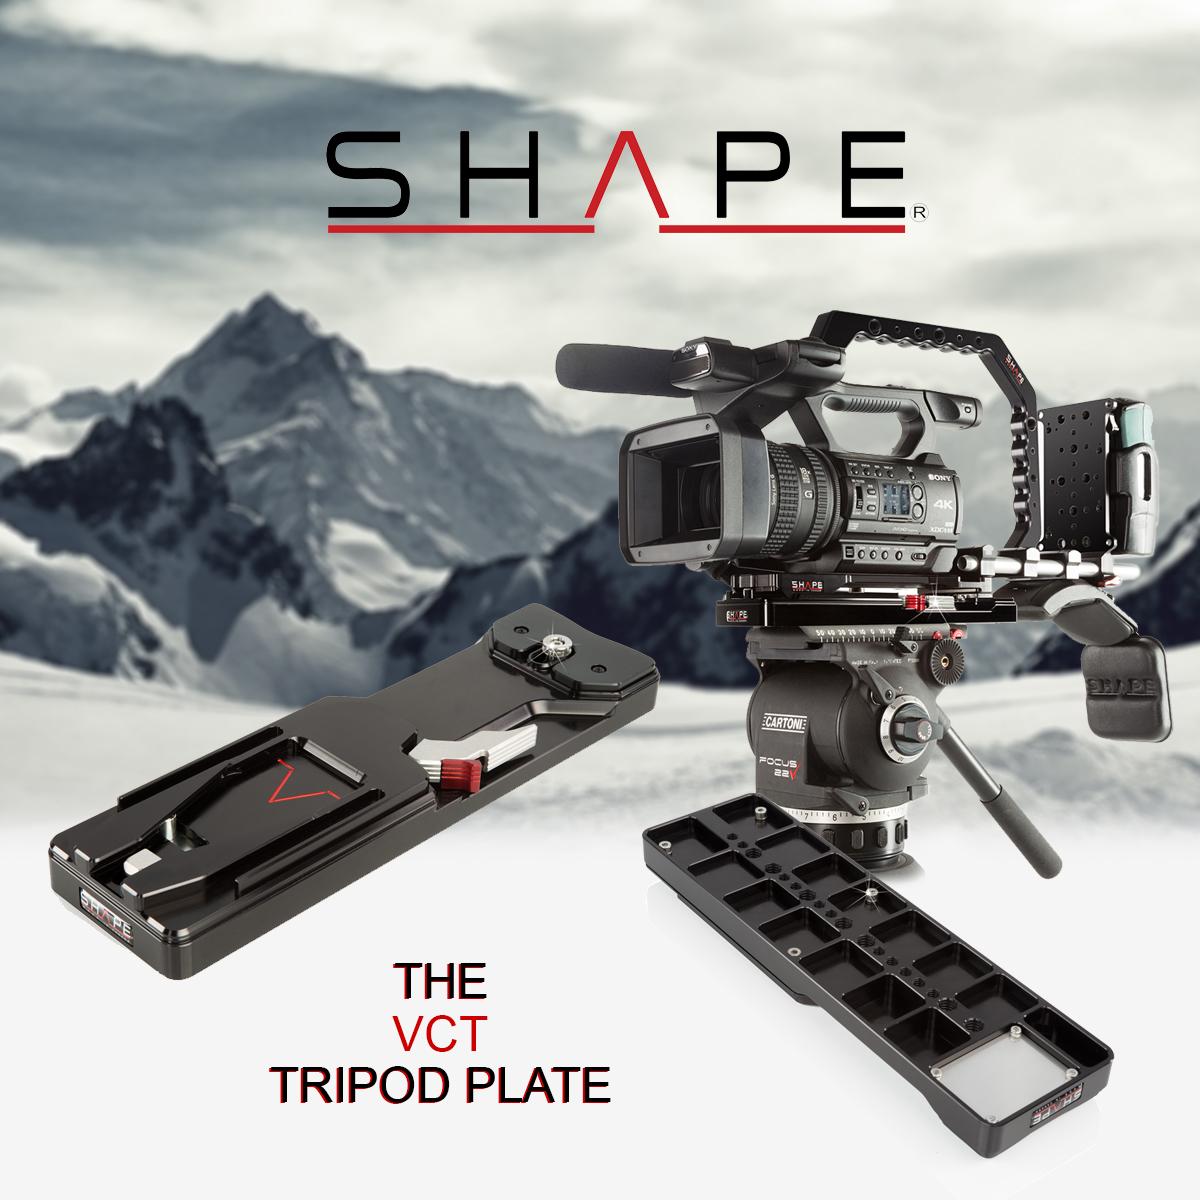 SHAPE VCTSH – VCT Quick Release Tripod Plate